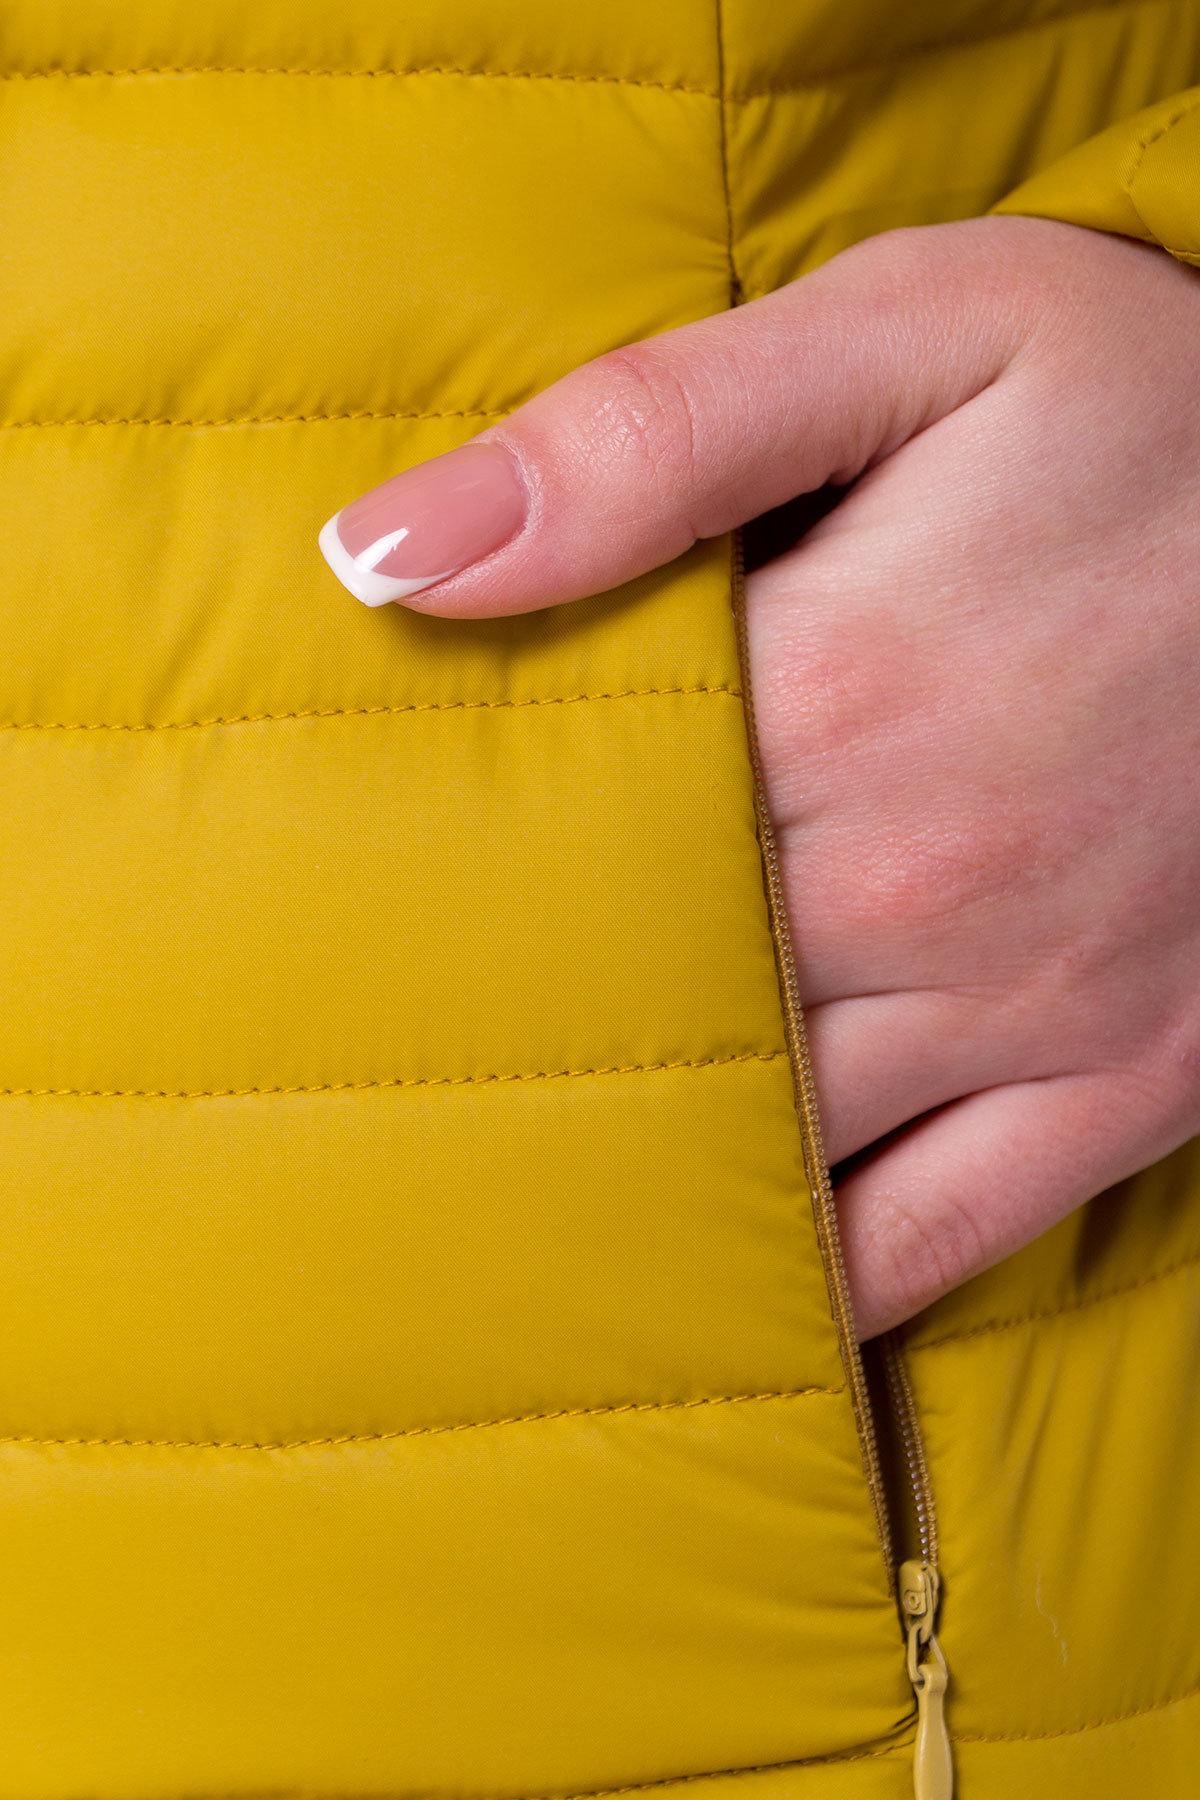 Куртка горчичный цвет Флориса 4560 АРТ. 21643 Цвет: Горчица - фото 4, интернет магазин tm-modus.ru